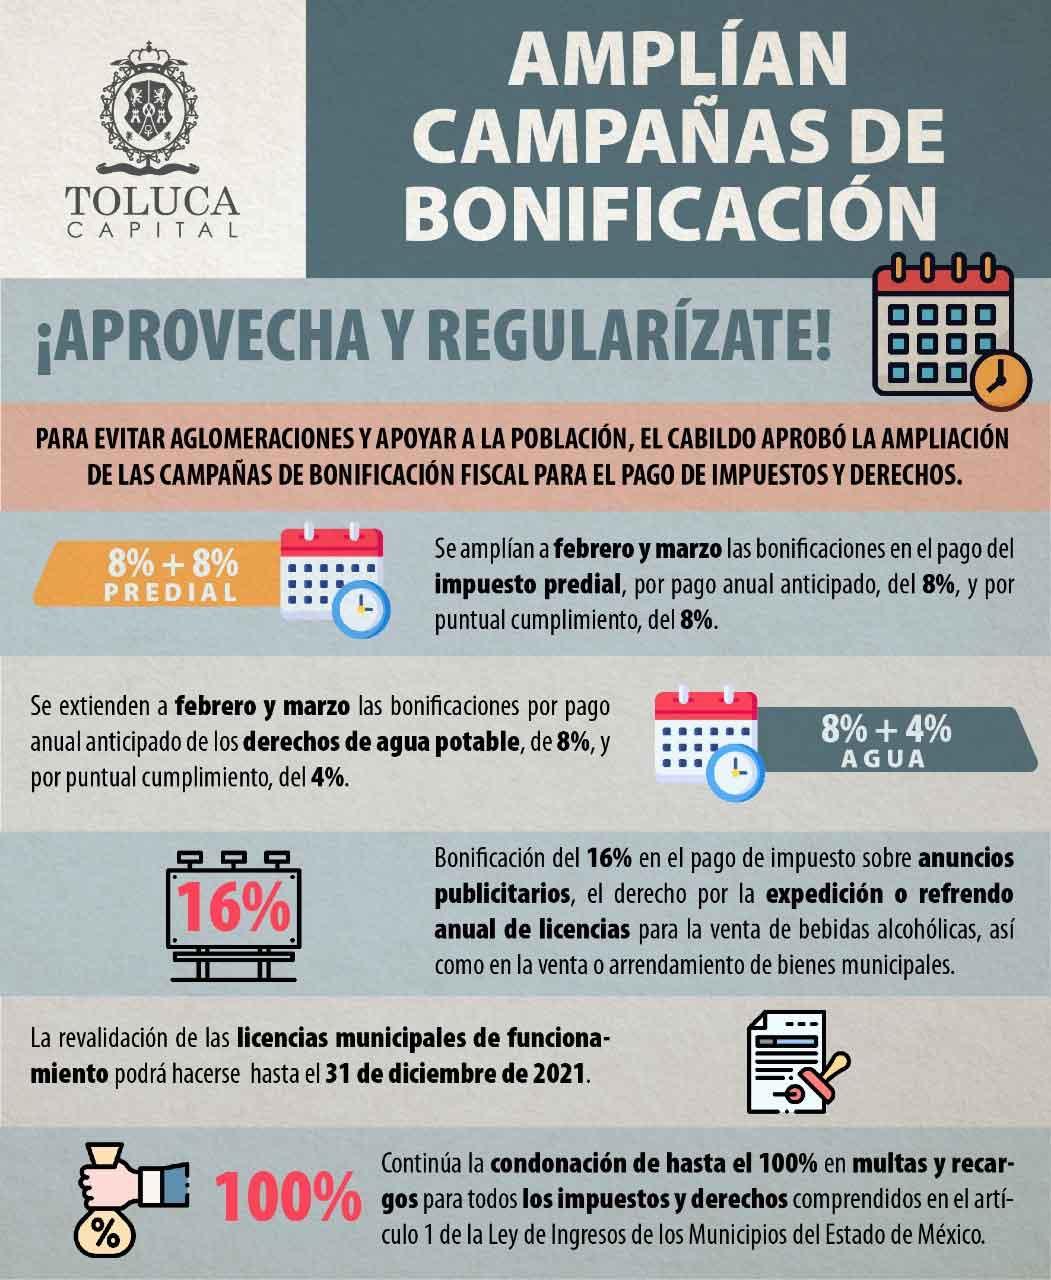 El ayuntamiento de Toluca ampliará las campañas de bonificación fiscal por pago anual anticipado de impuestos como predial y servicios de agua potable